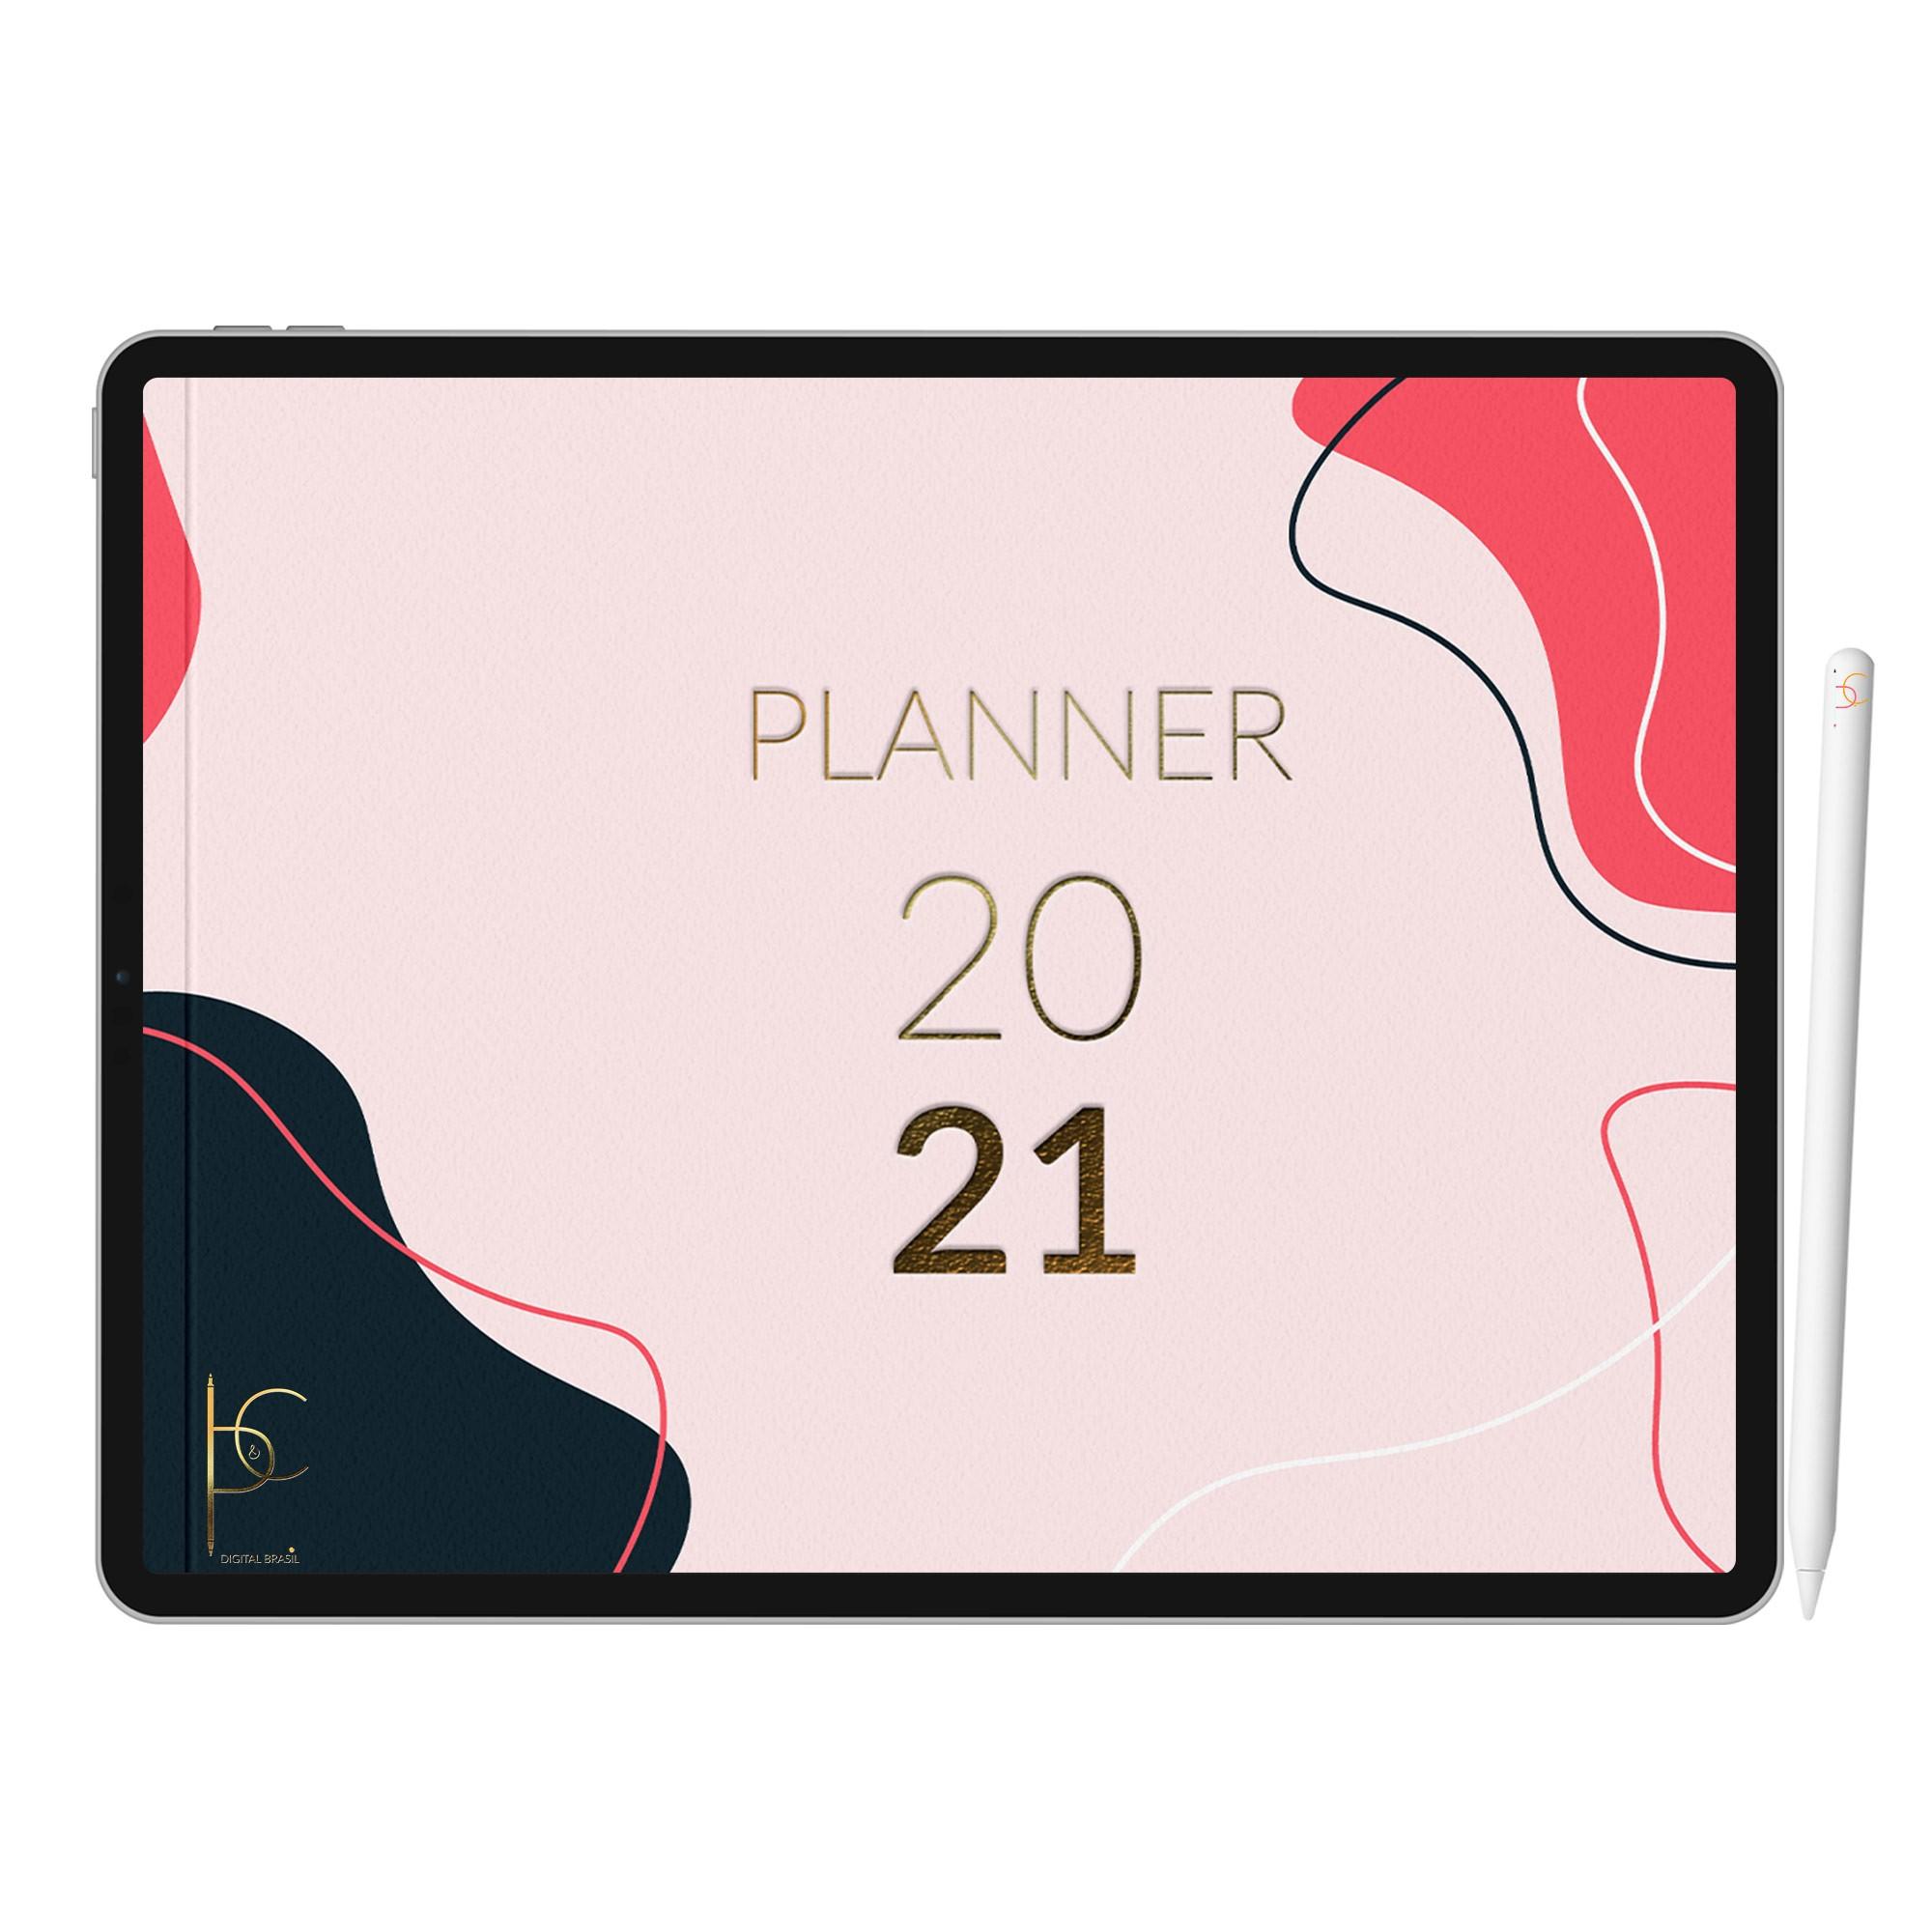 Planner Digital Rastreador de Finanças | Hábitos | SelfCare | Gratidão | iPad Tablet | Download Instantâneo